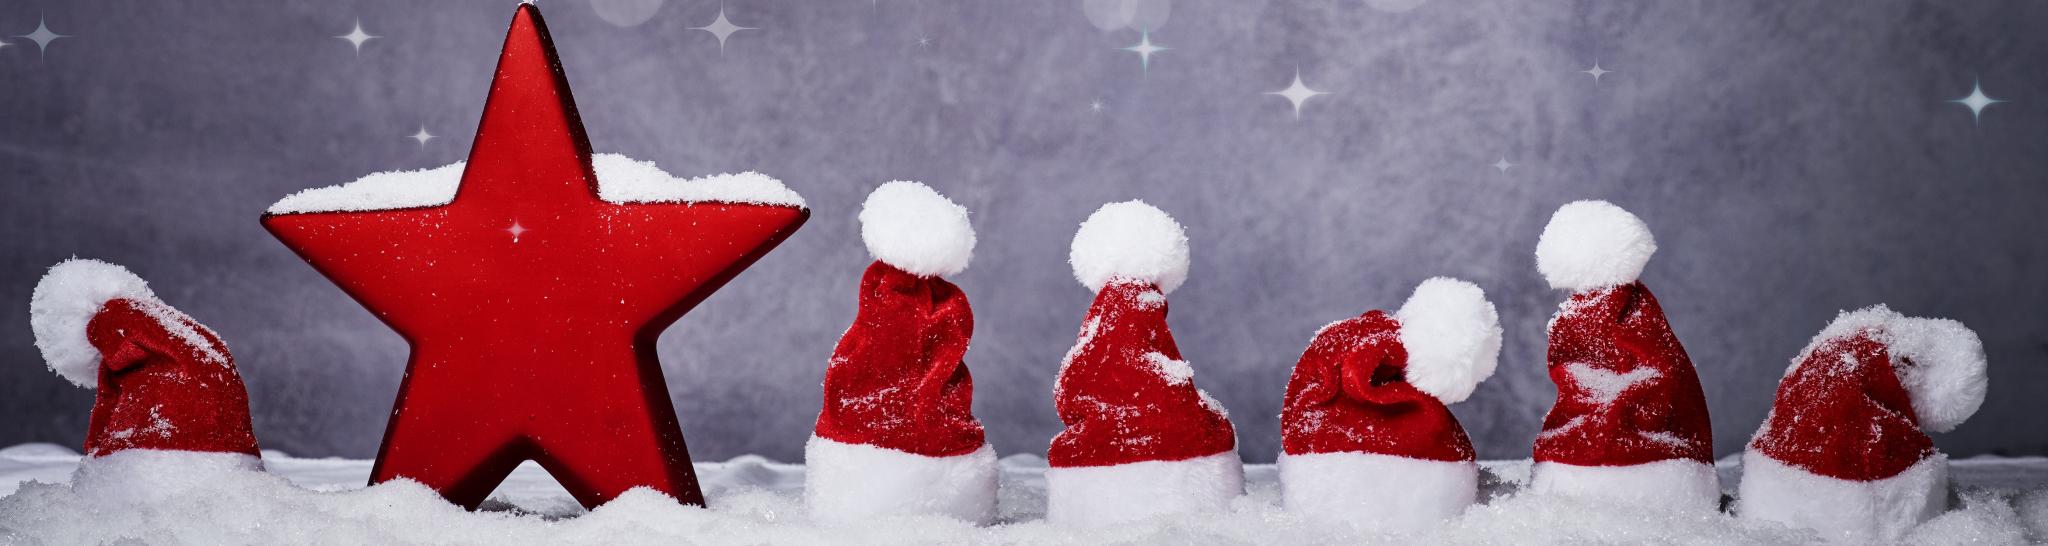 Nikolausmützen und Stern mit Schnee